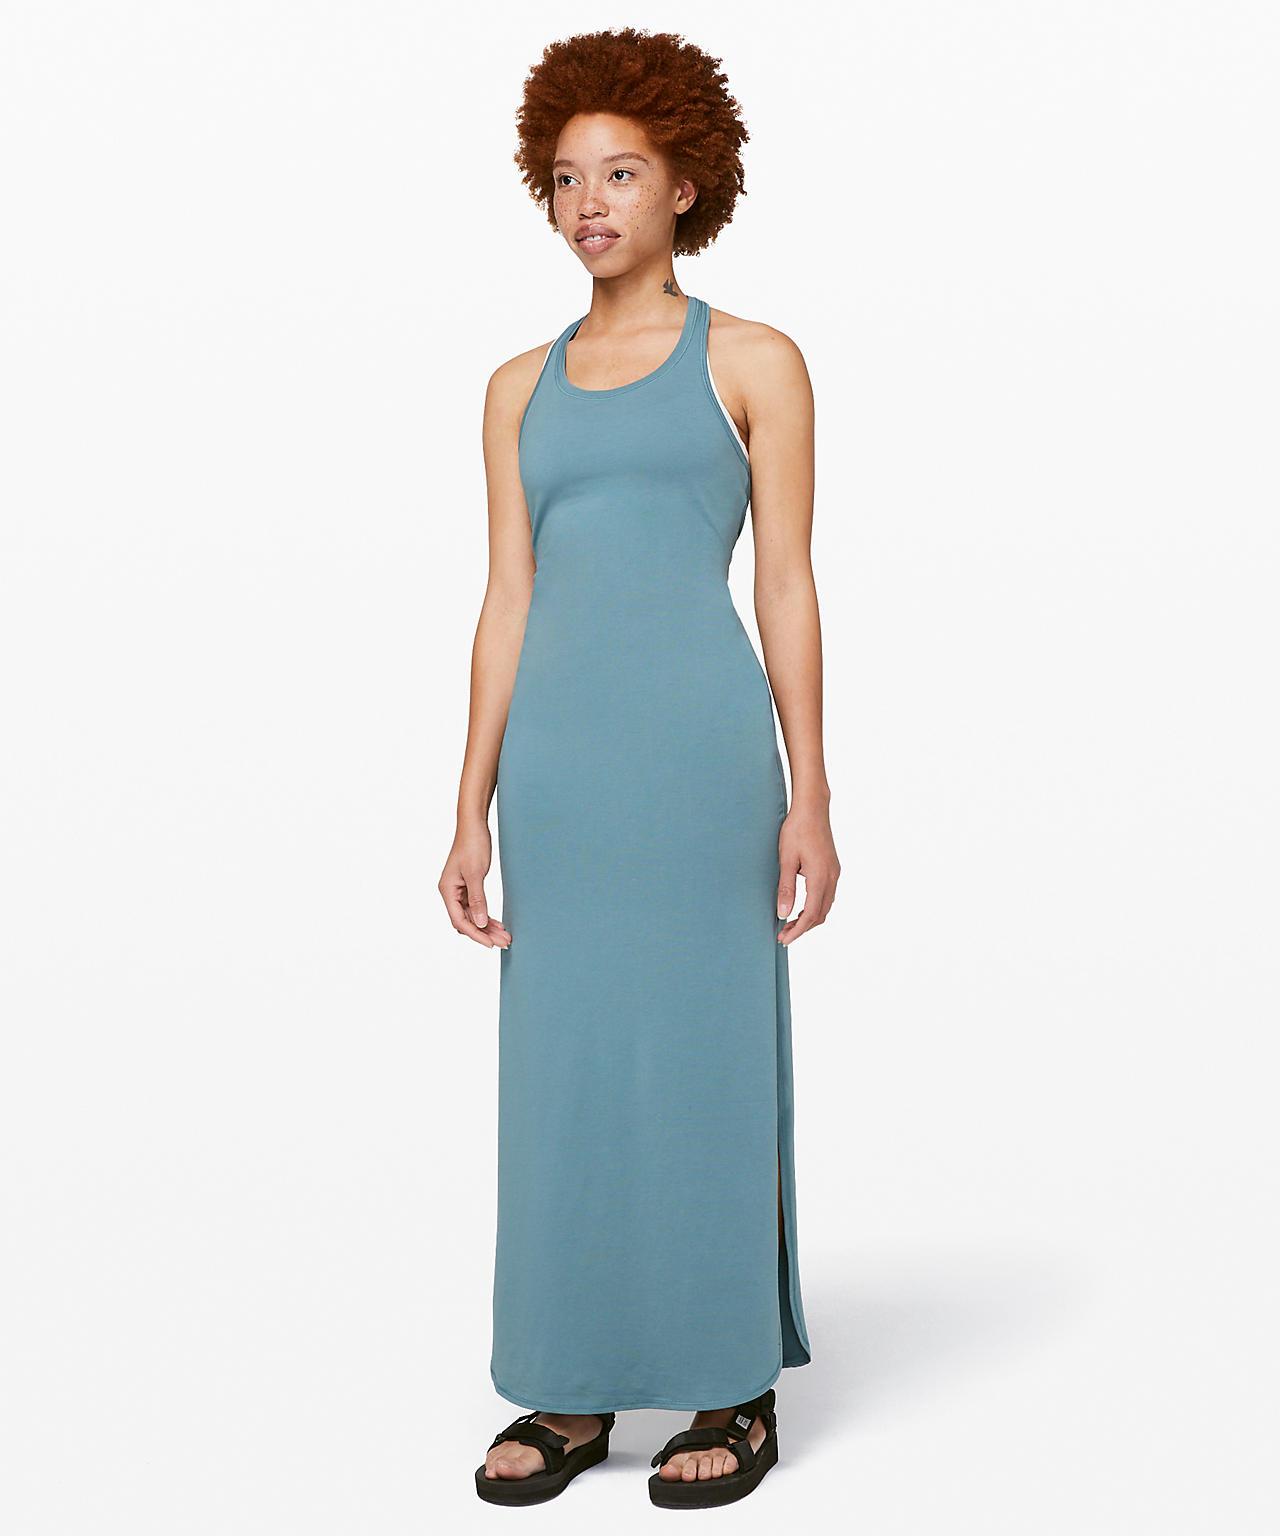 Restore and Revitalize Dress, Lululemon Upload